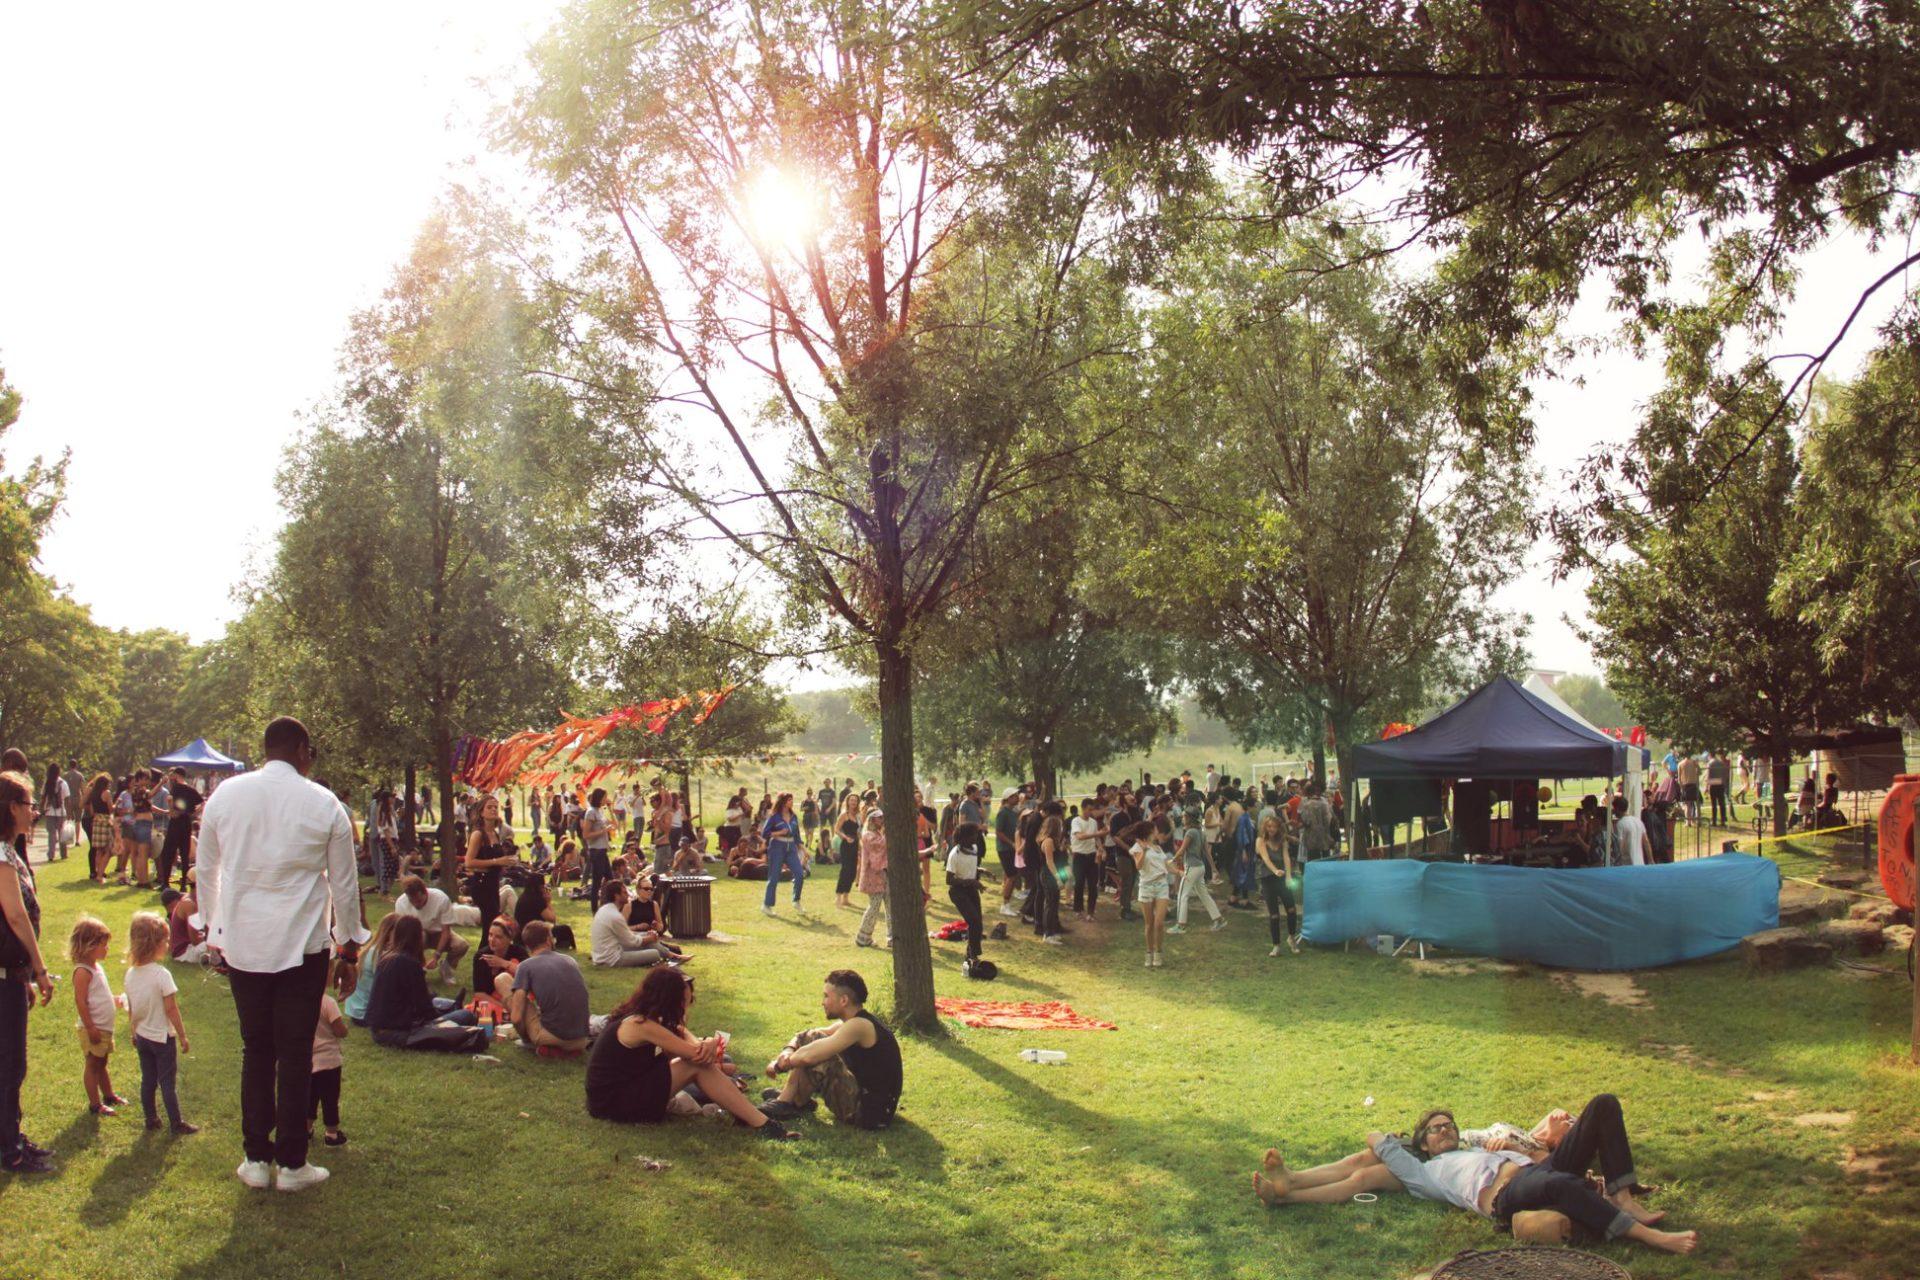 openair musical dans un parc avec des gens assis sur la pelouse